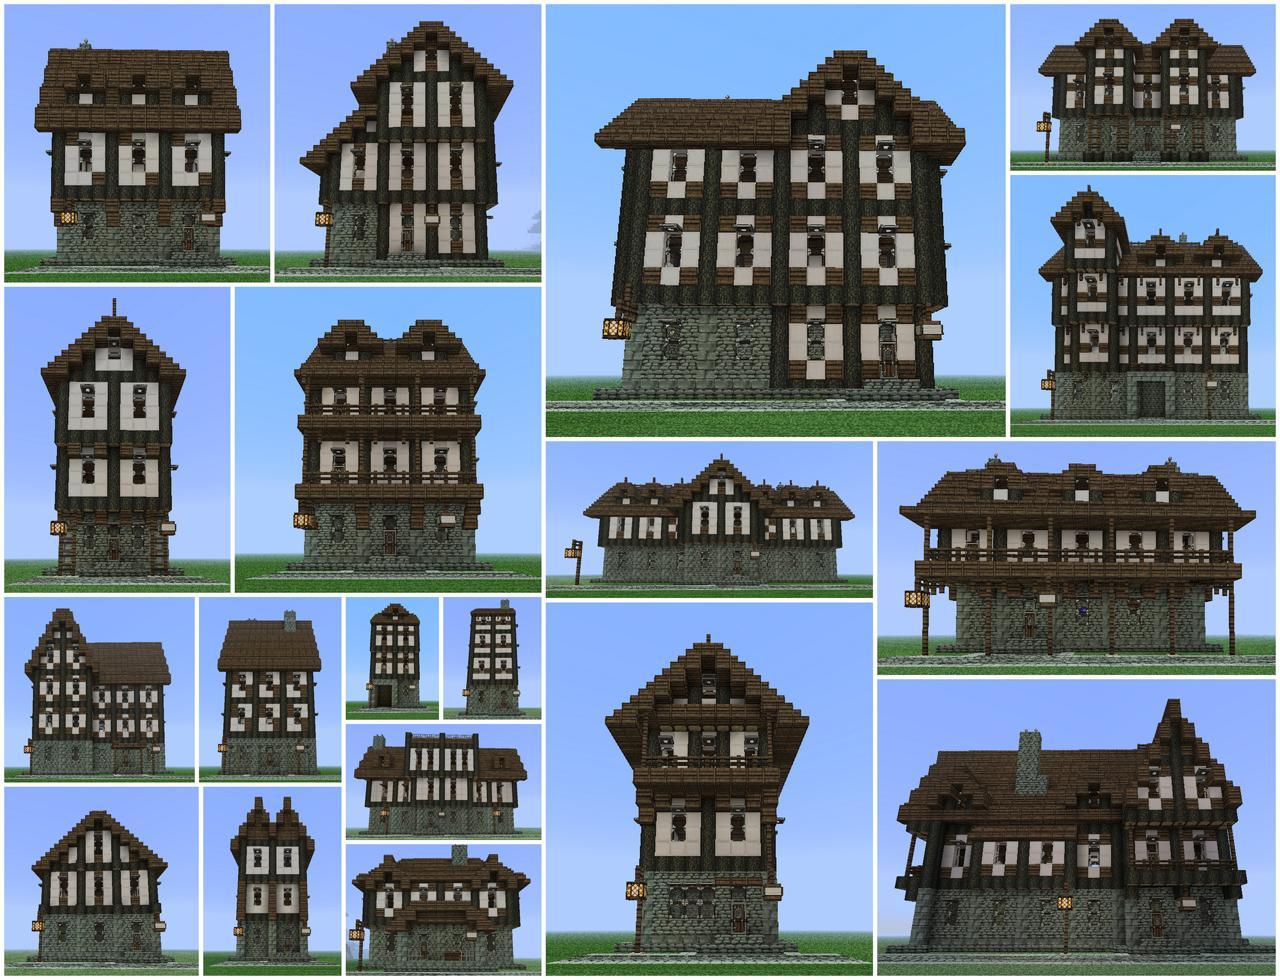 big castle churh карта для майнкрафт пе скачать #9